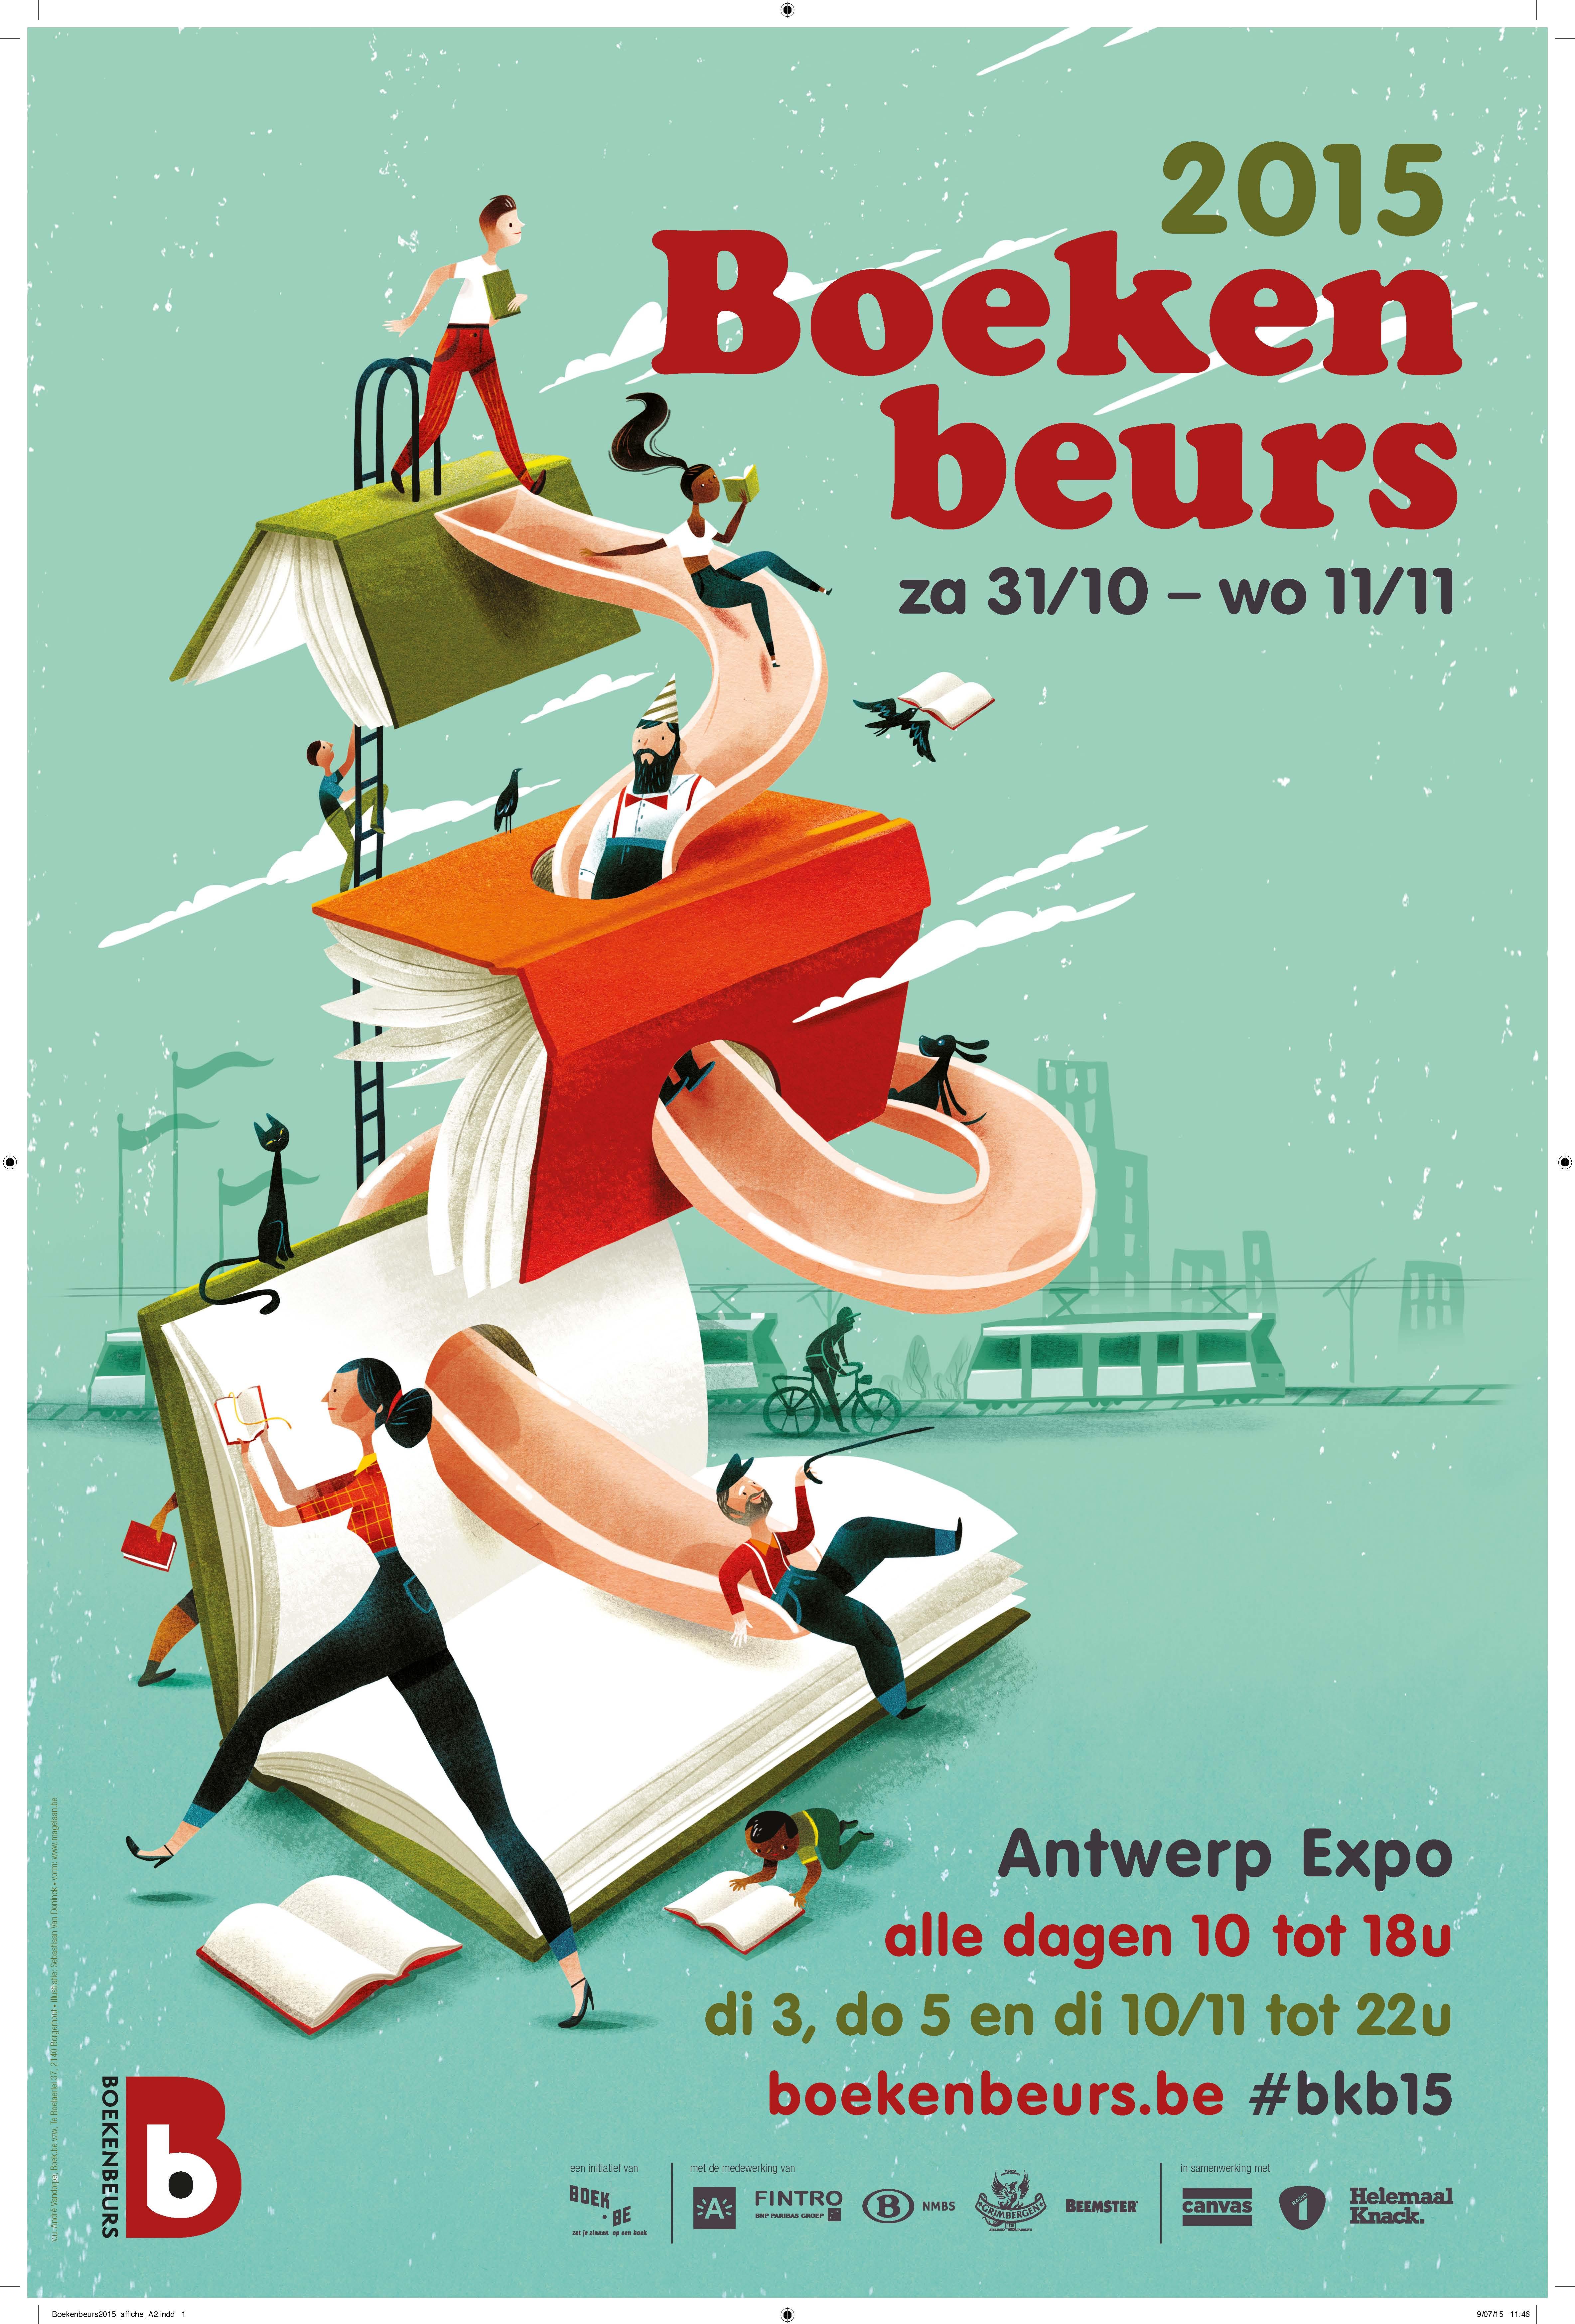 Boekenbeurs Antwerpen poster 2015